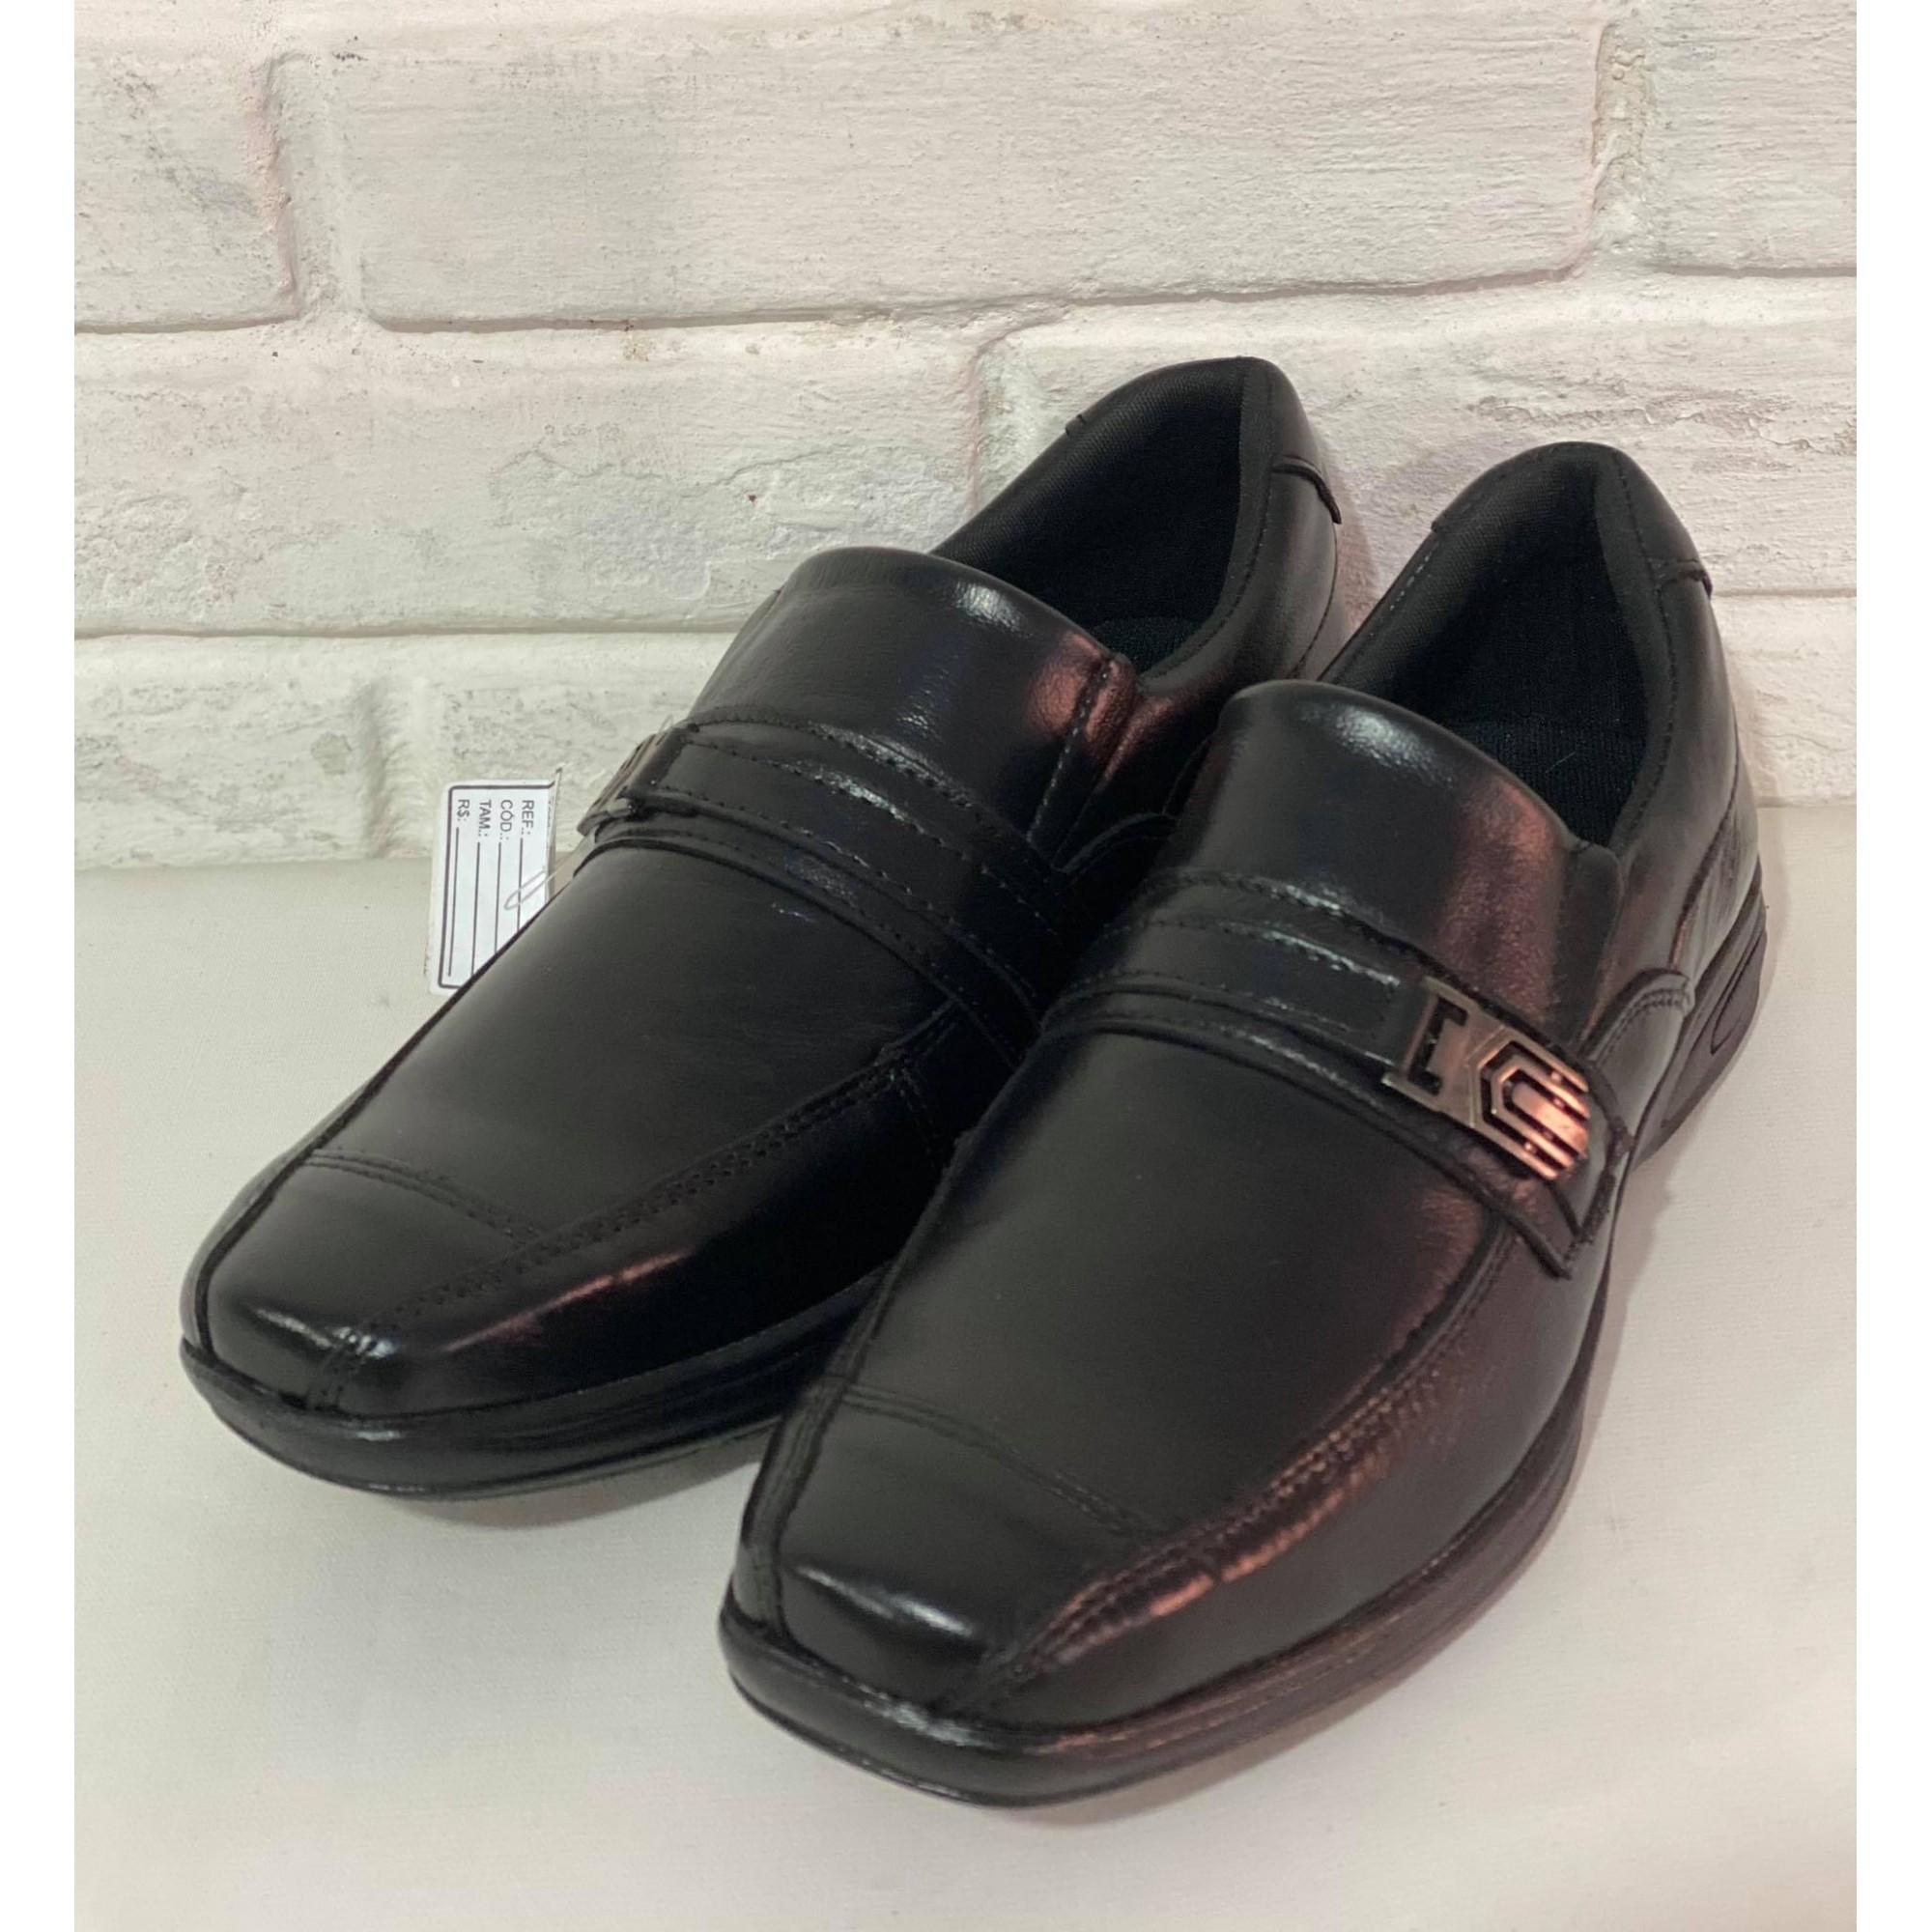 Sapato Masculino Prata Couro Floater Preto 1010238